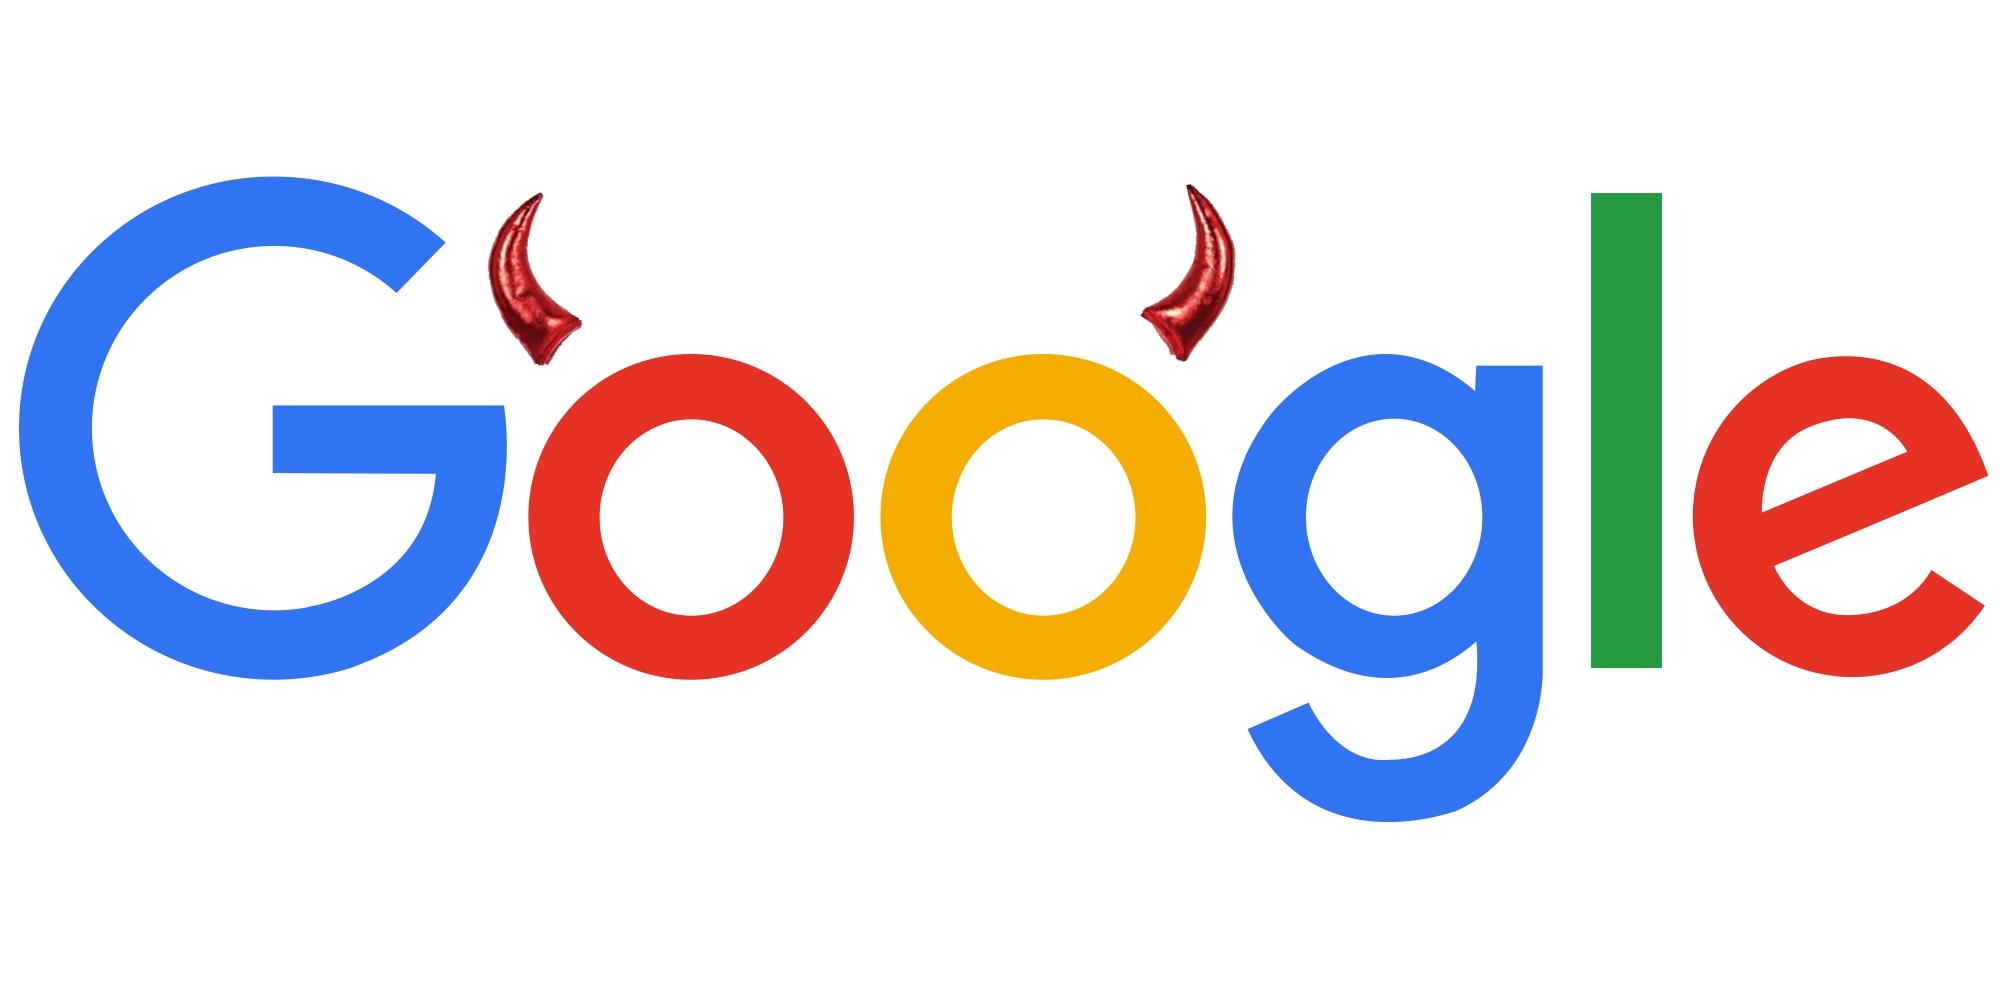 Er Google blevet ond?